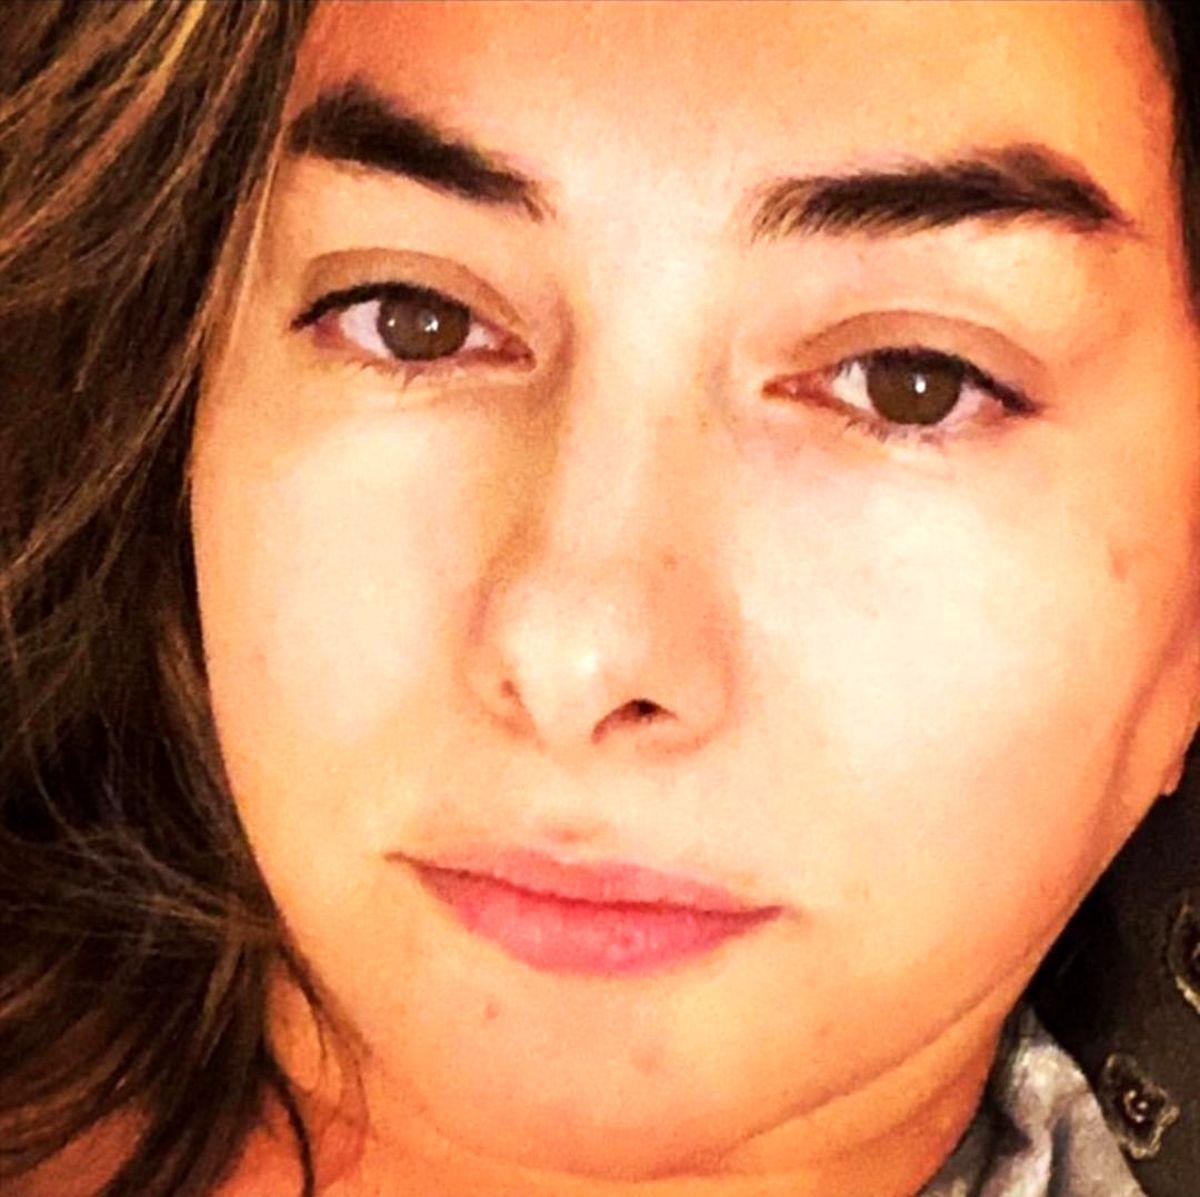 سانسور آرایش غلیظ هانیه توسلی سوژه شد / عکس